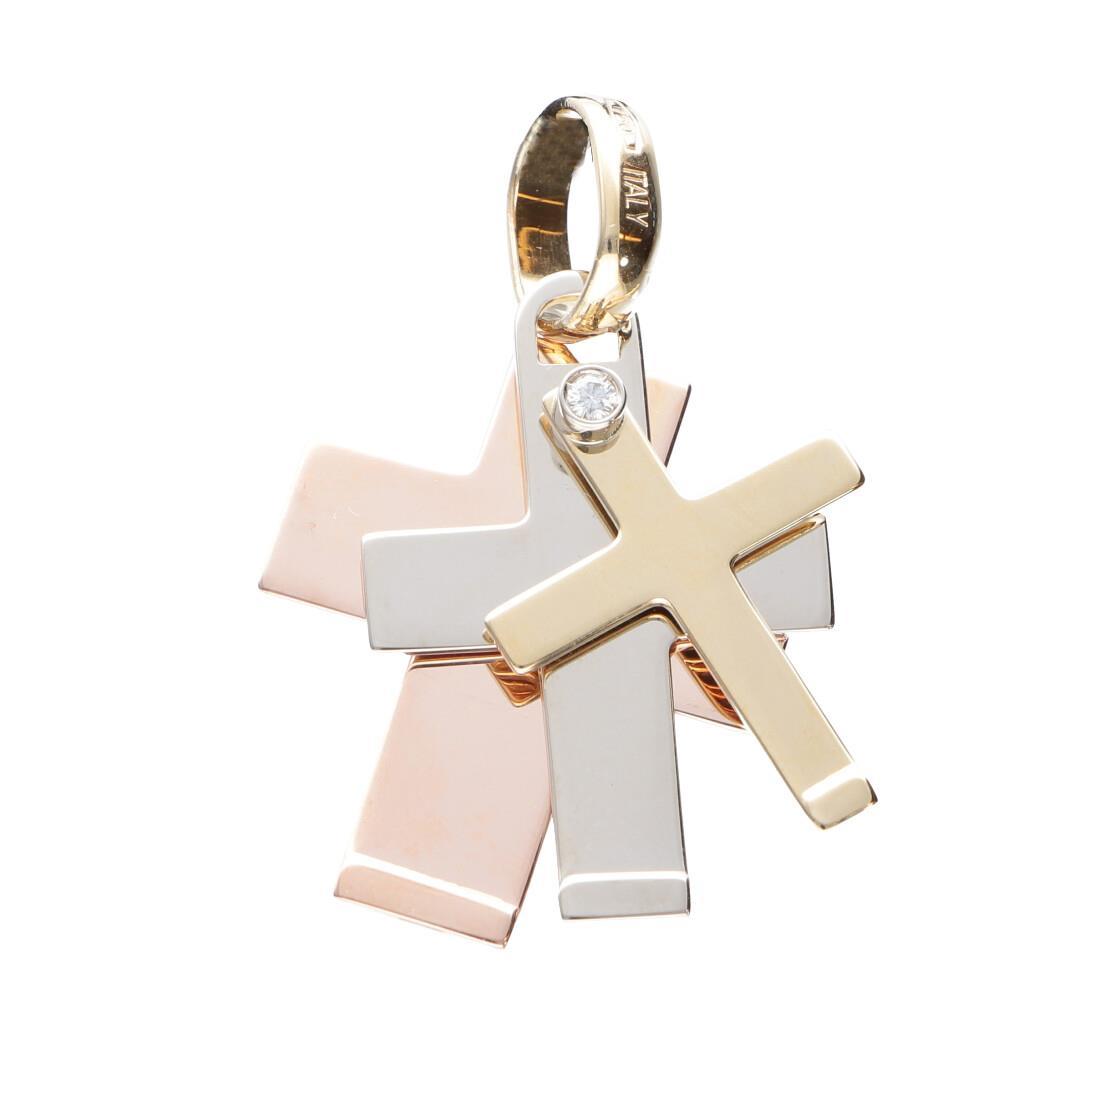 Pendente croce da uomo in oro giallo, bianco e rosa con diamante bianco ct 0.03 - BARAKA